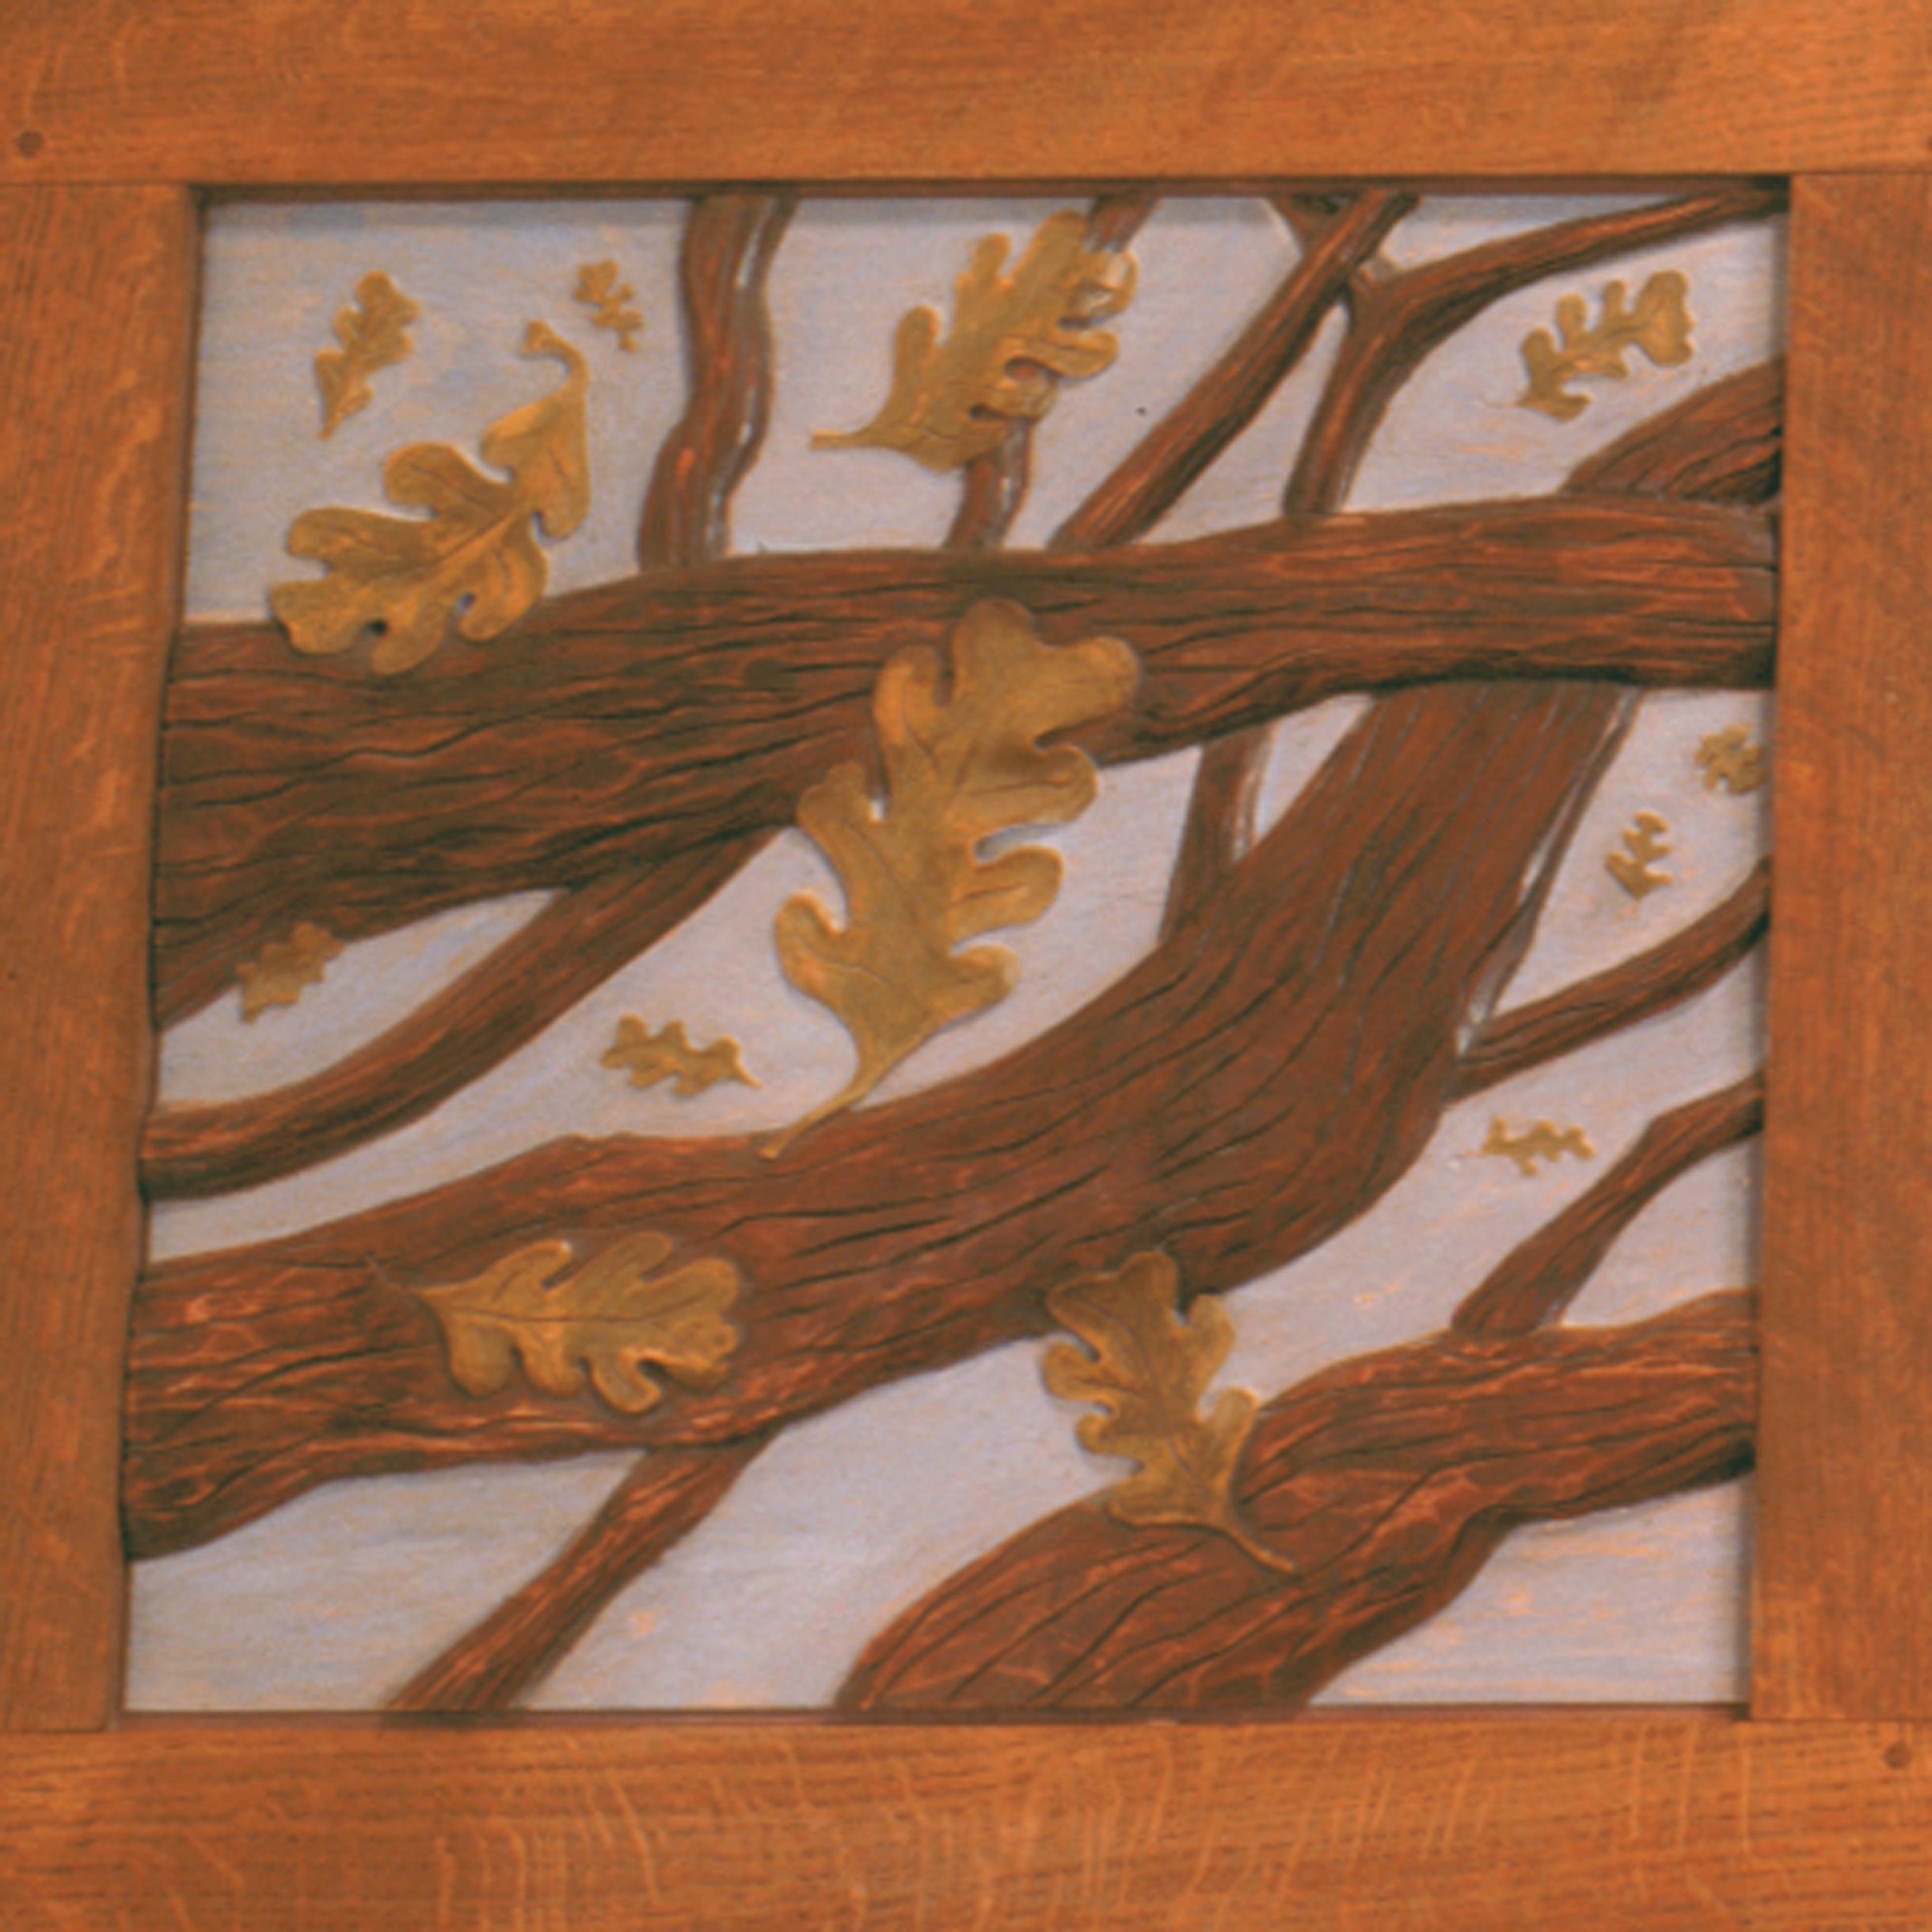 panel_carving_oak_leaf.jpg